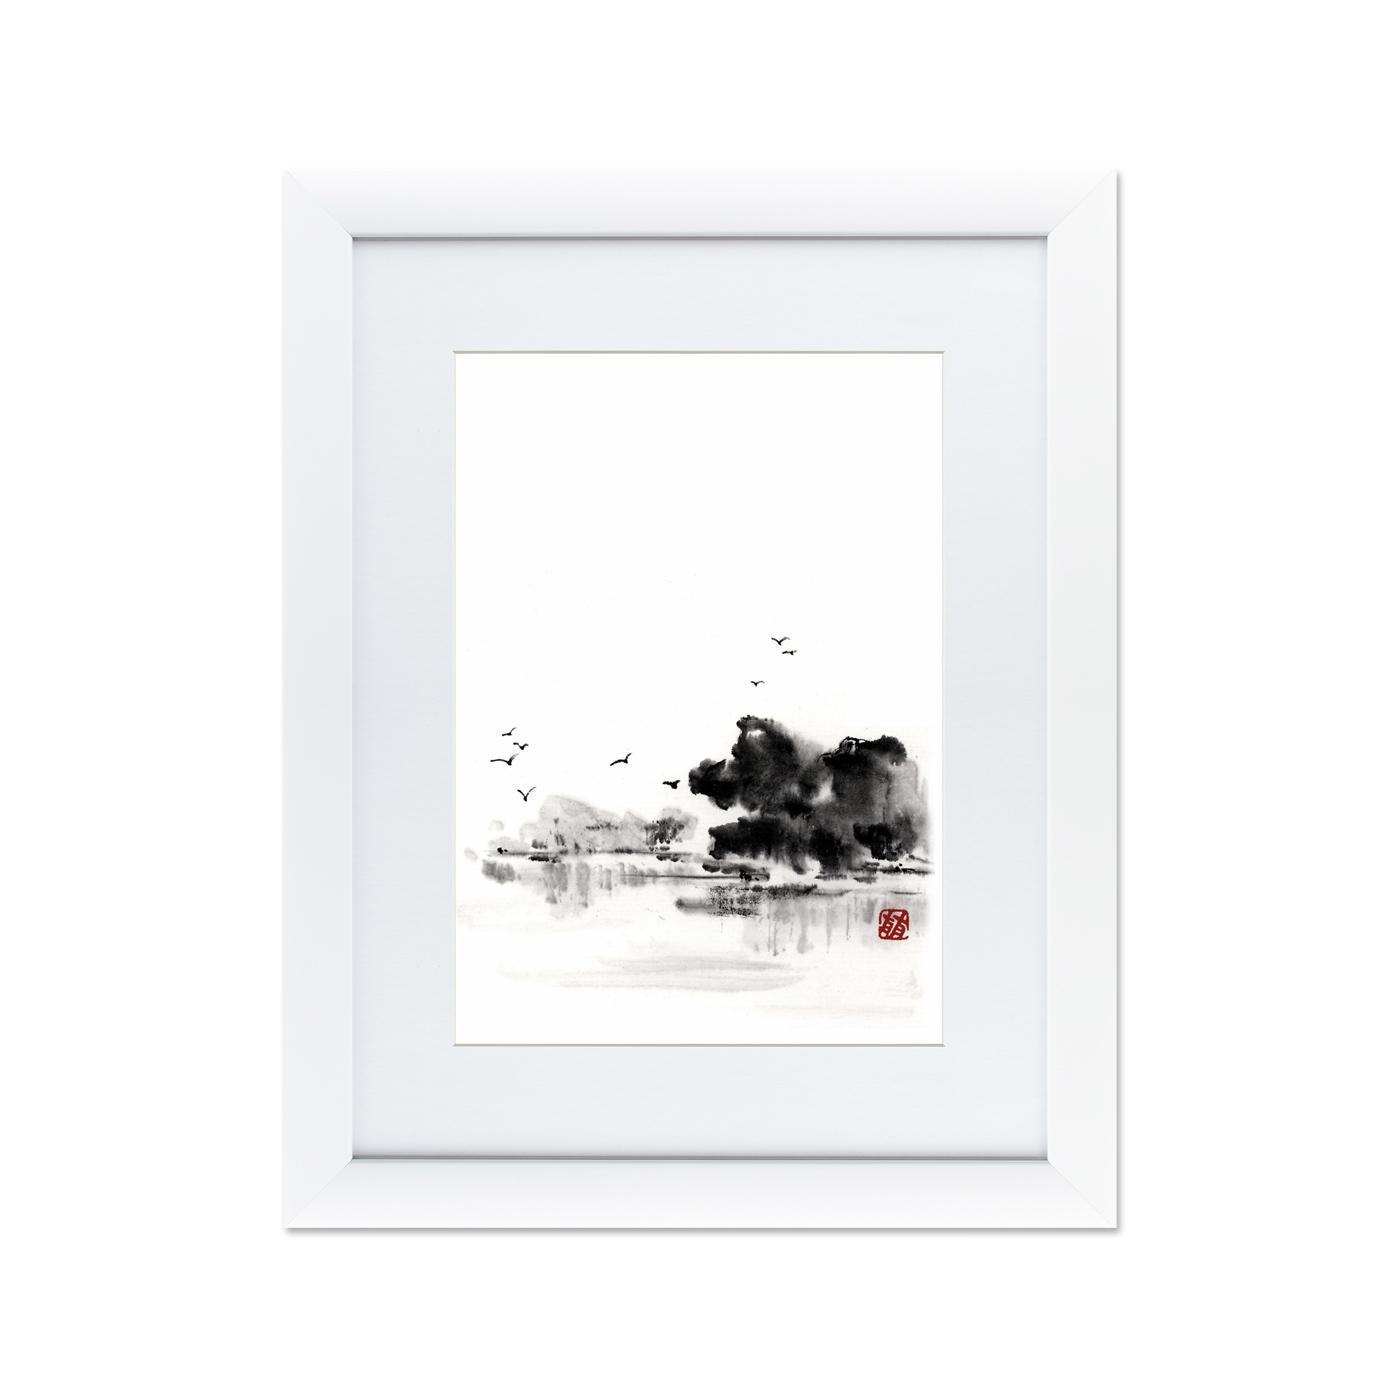 {} Картины в Квартиру Картина Японская Акварель Суми-э, №5 (47х60 см) картины в квартиру картина спил 2 47х60 см